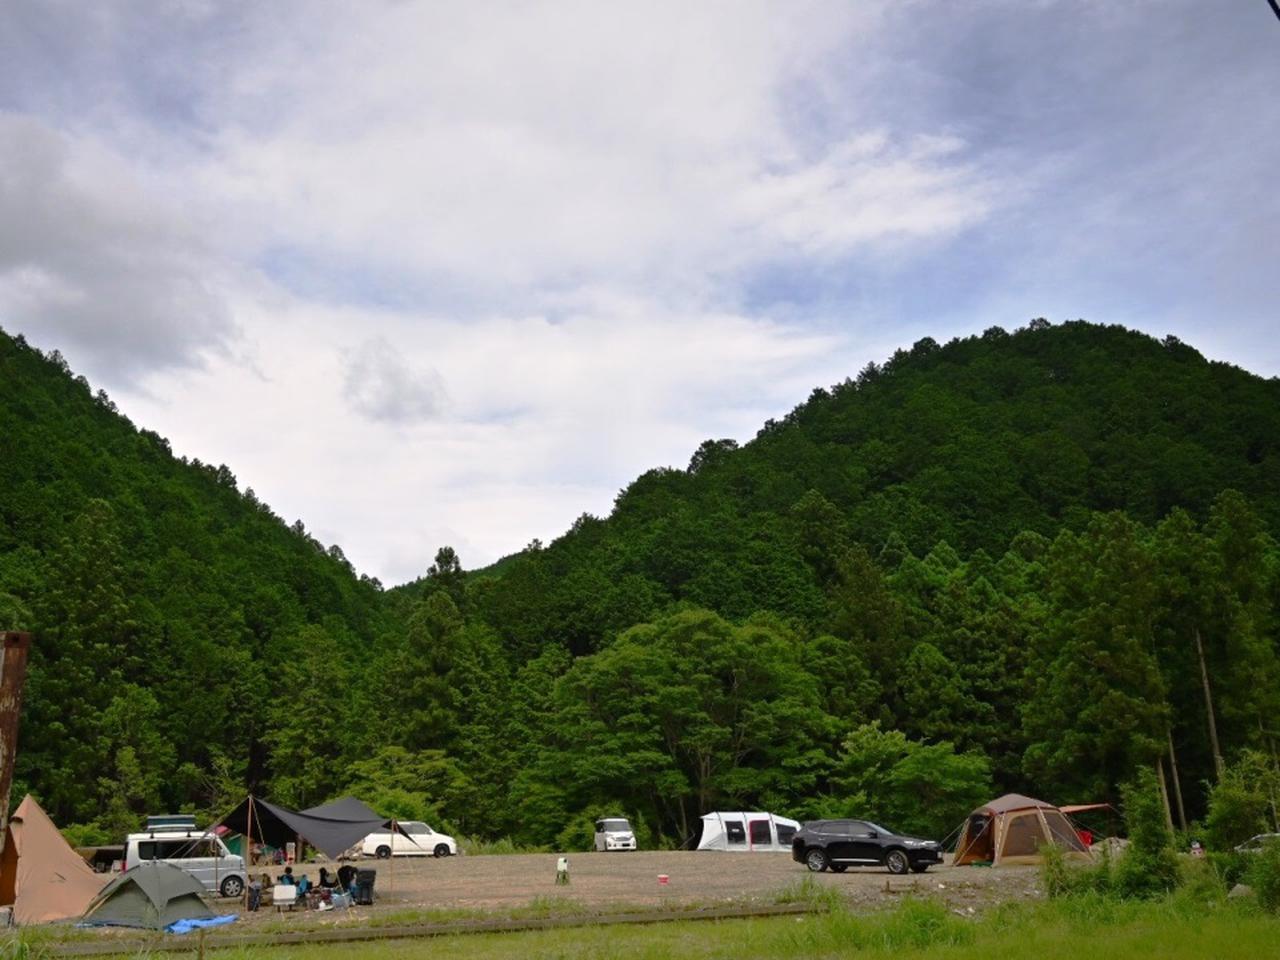 画像: 【WOODs LAND Mio(ウッズランド・みお)】を徹底レポート♪ 「サブスク制キャンプ場」が三重県にオープン! - ハピキャン キャンプ・アウトドア情報メディア